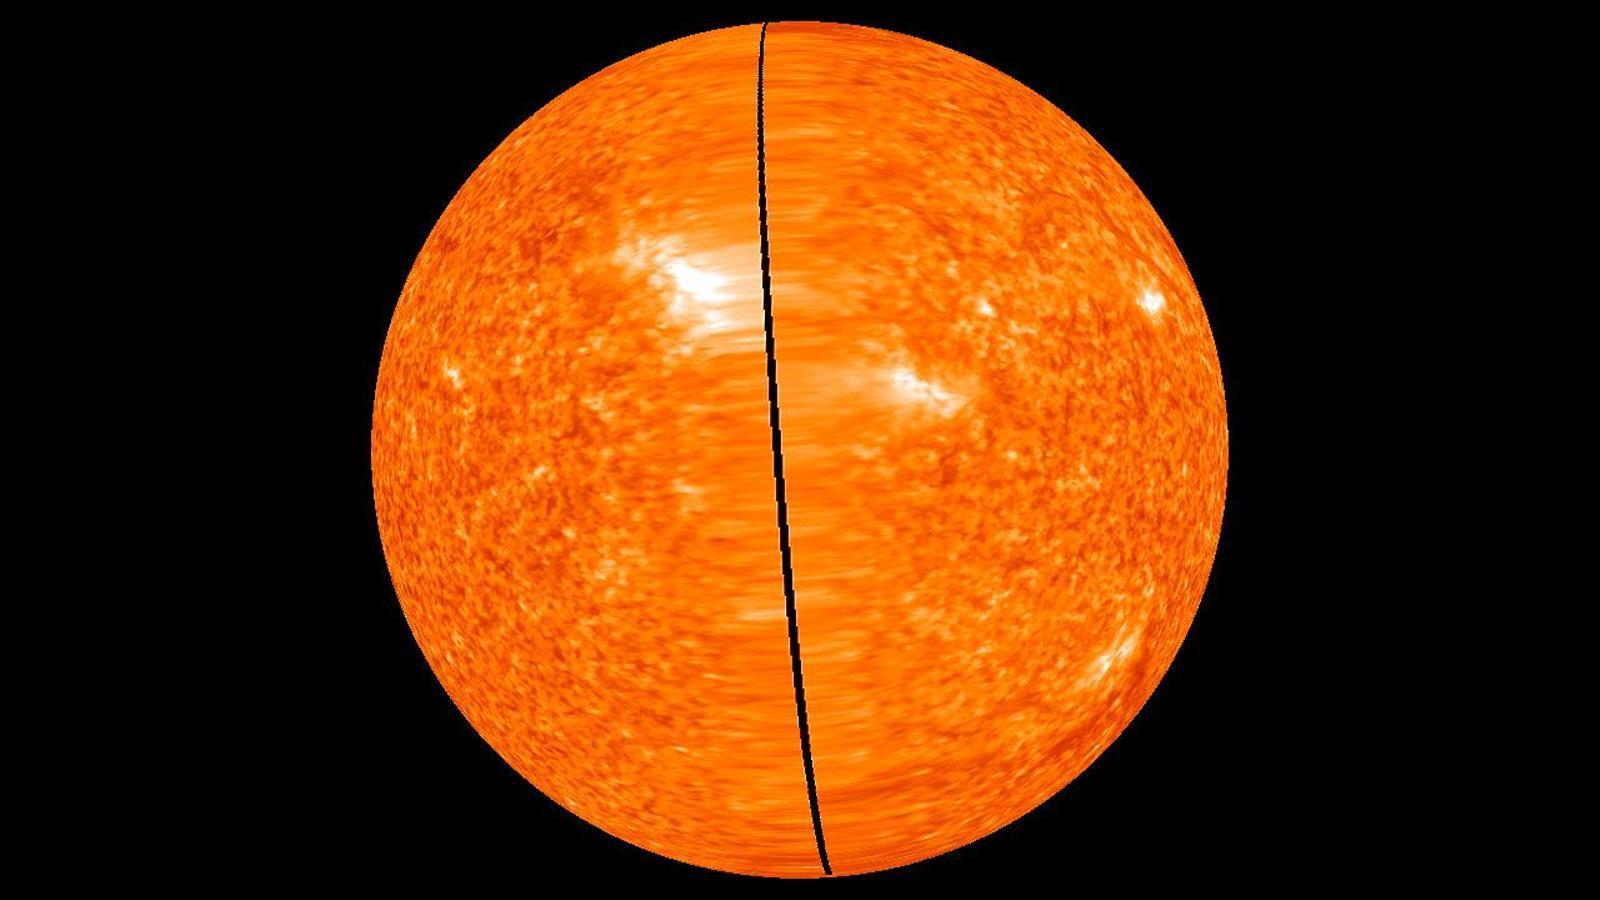 Els nous descobriments de la NASA sobre el sol